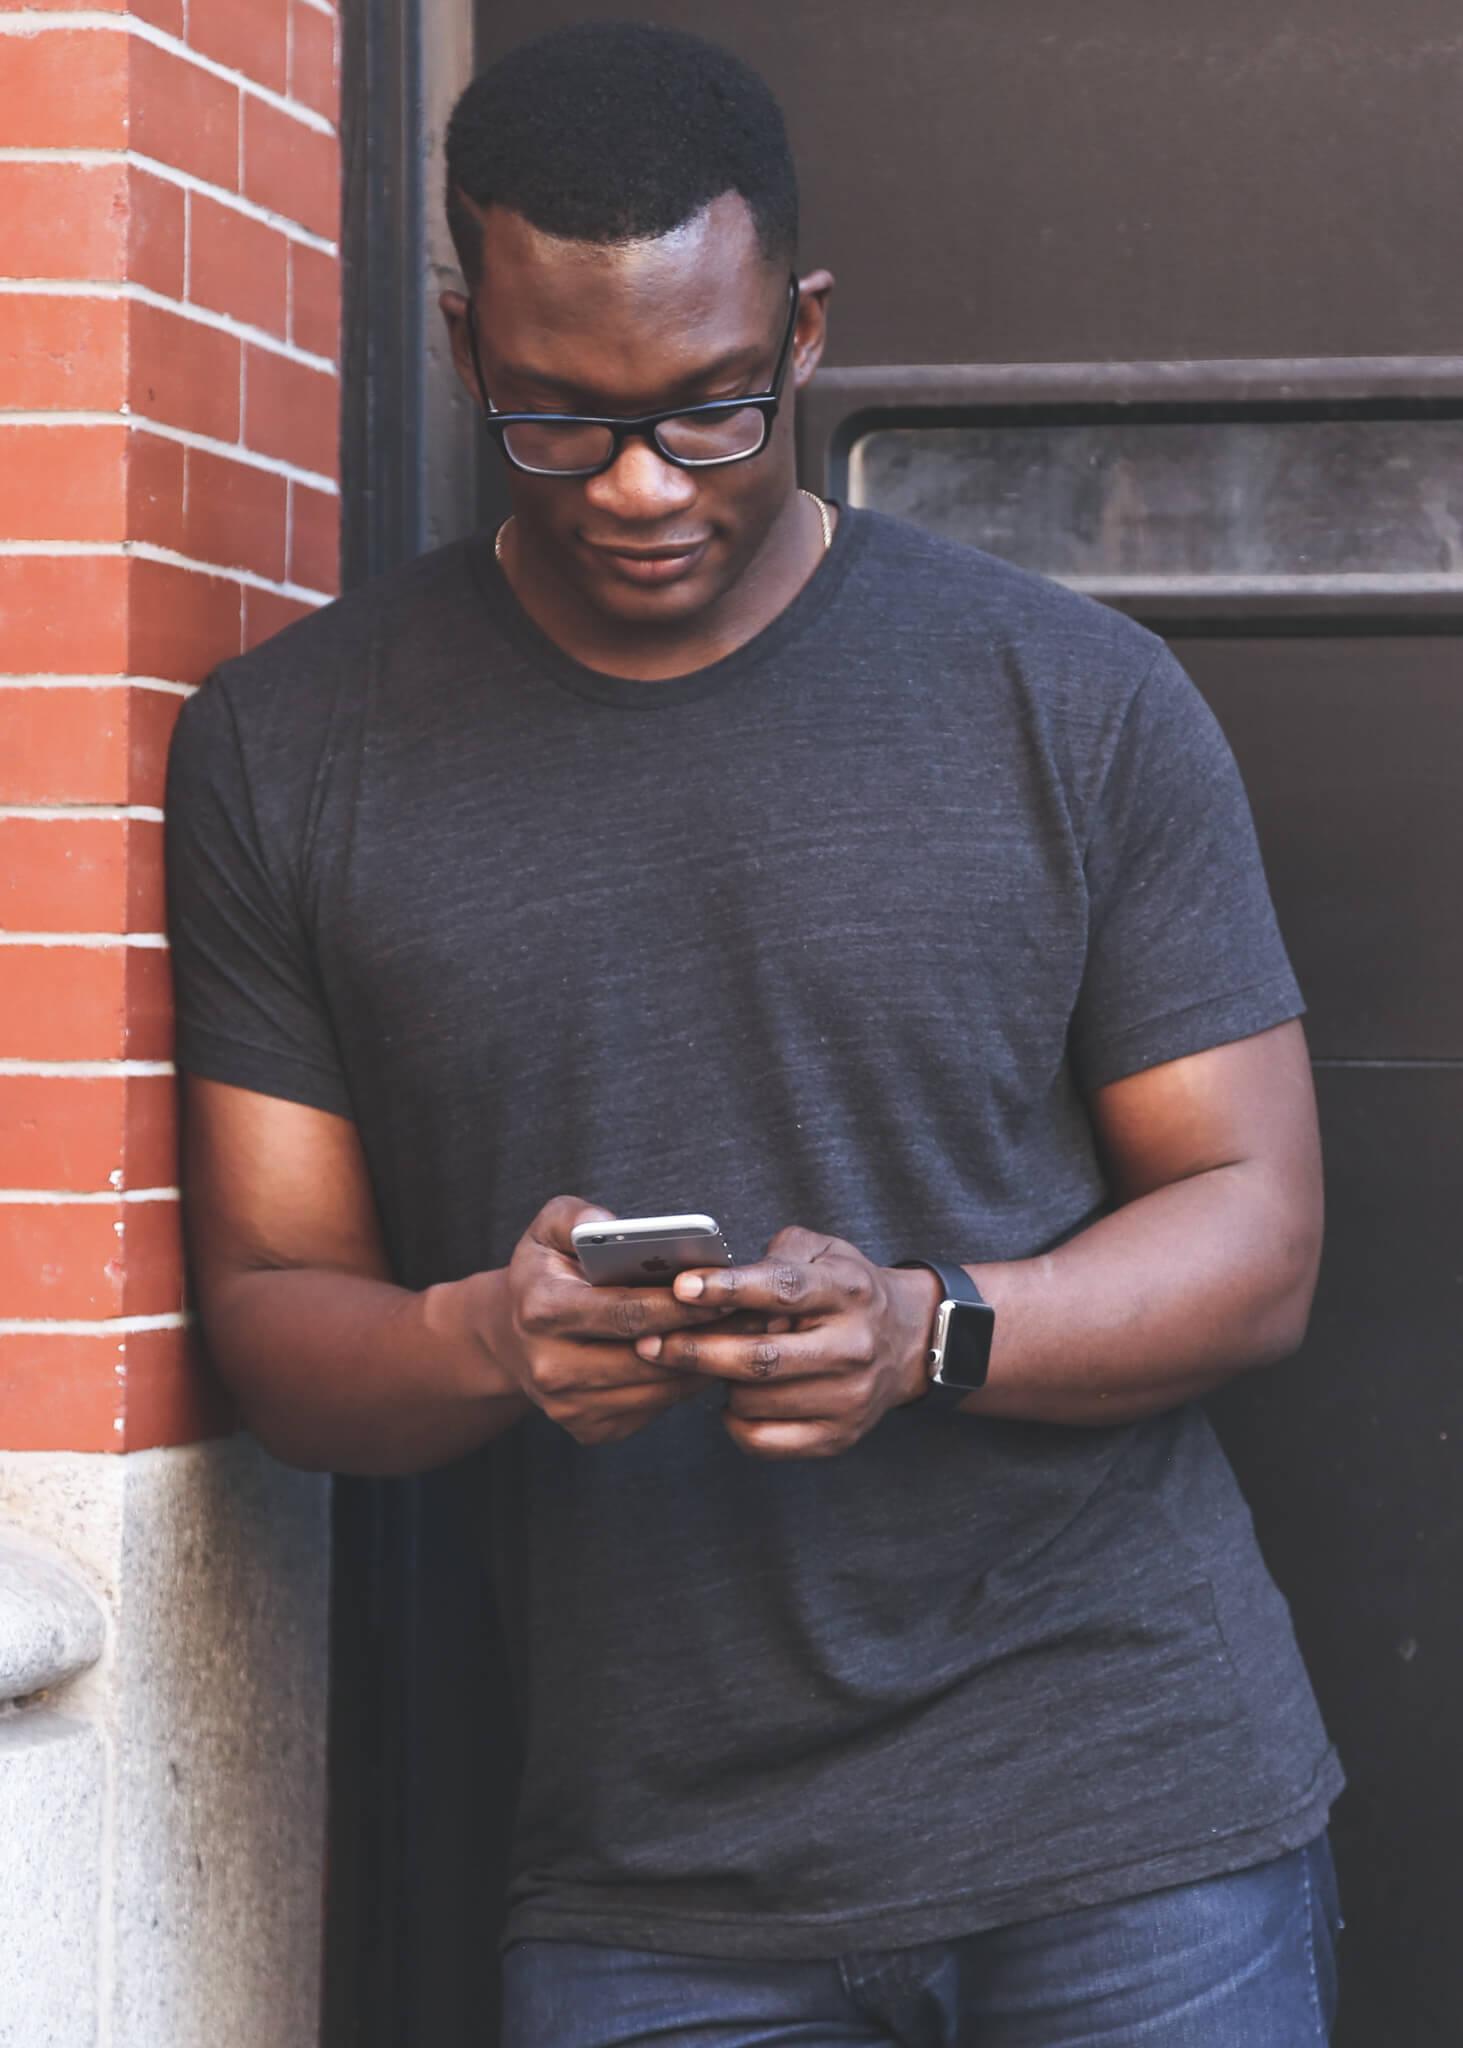 A Derventio resident sending a text message